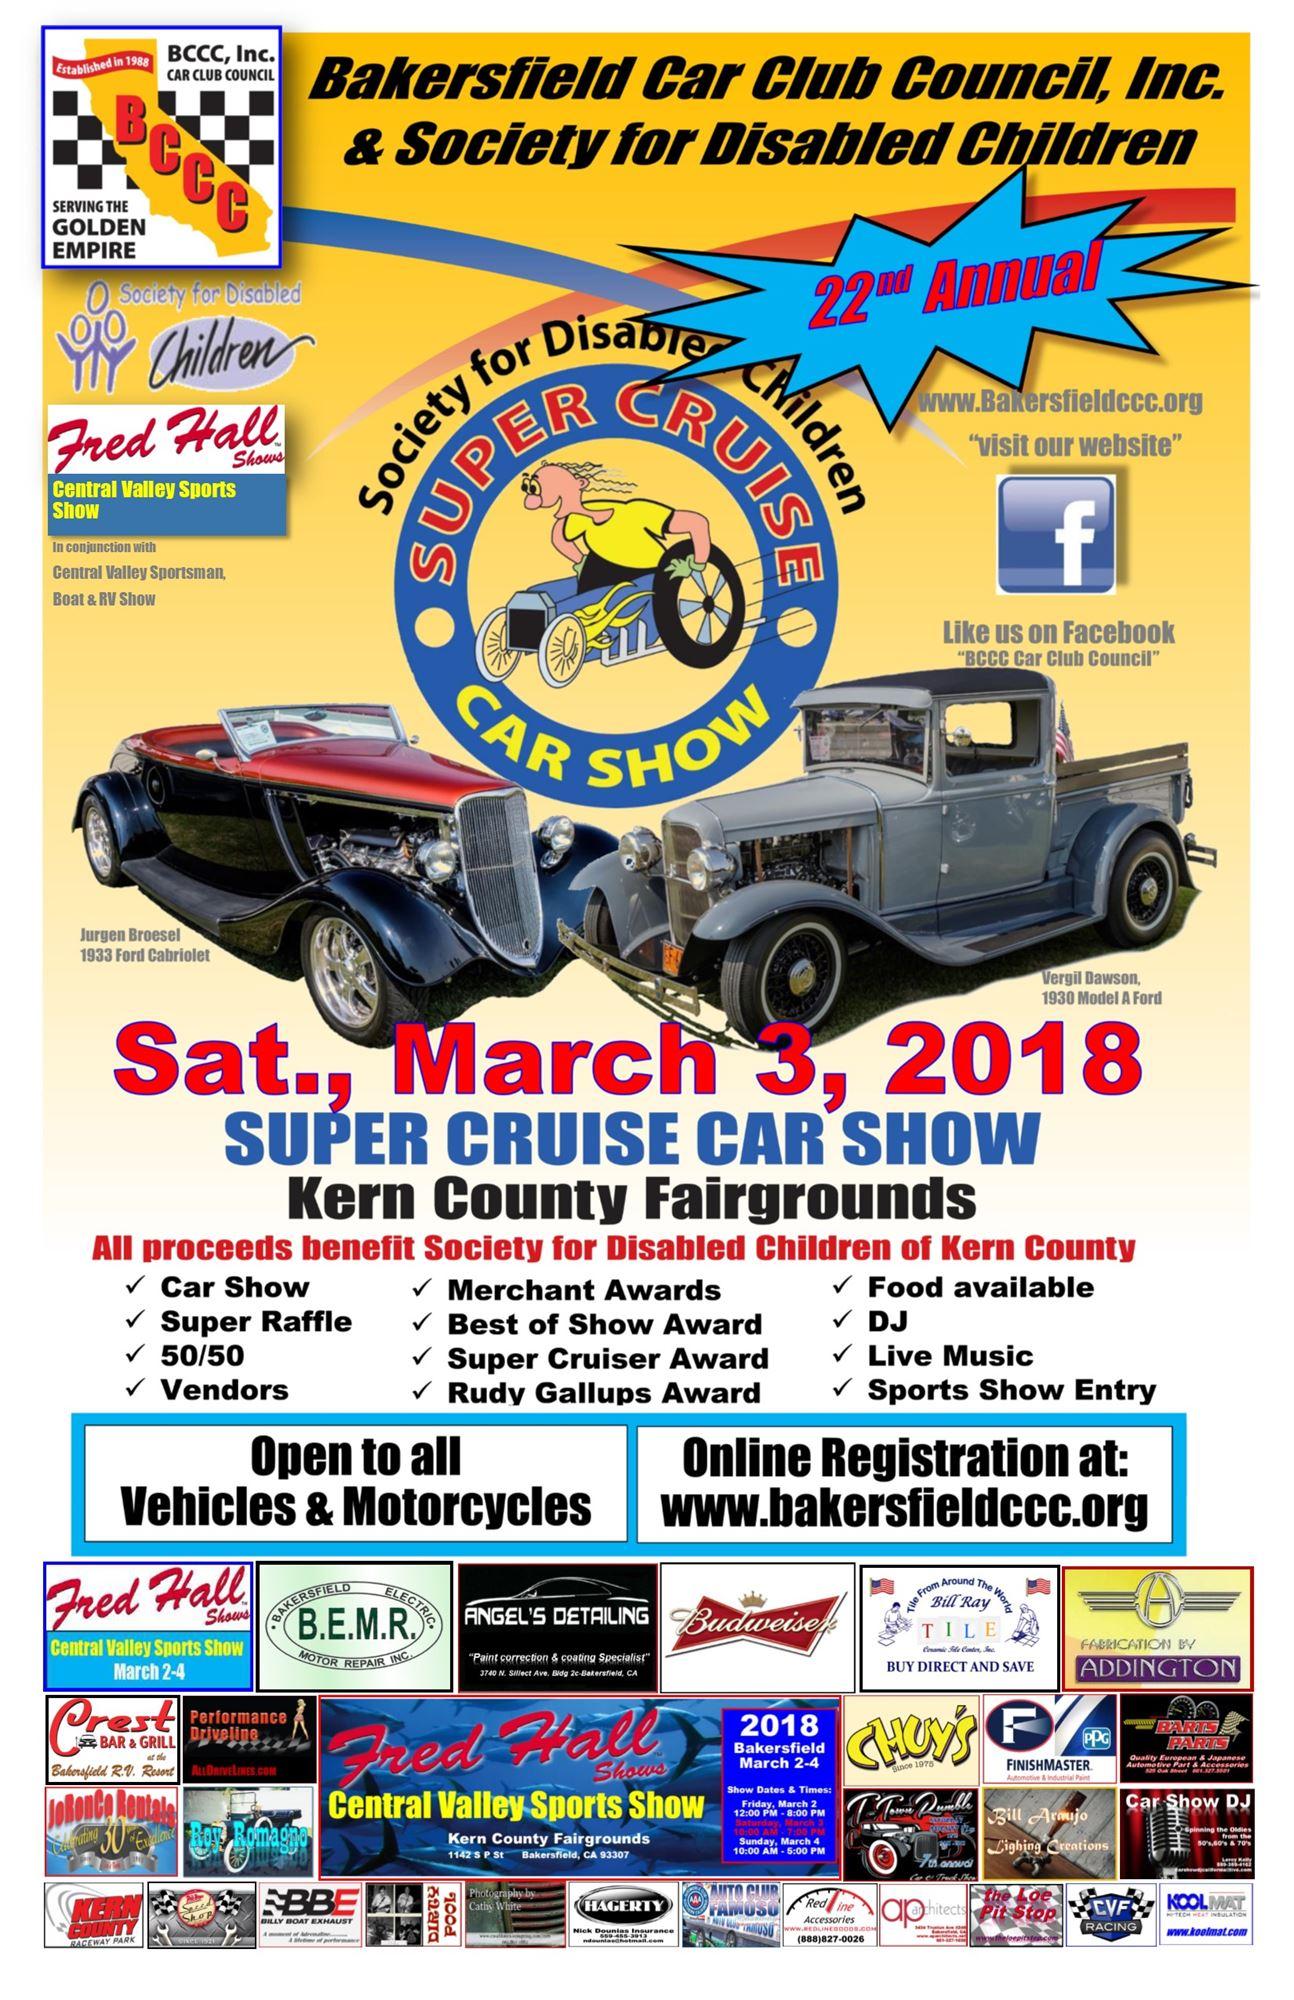 Super Cruise Car Show - Cruise car show